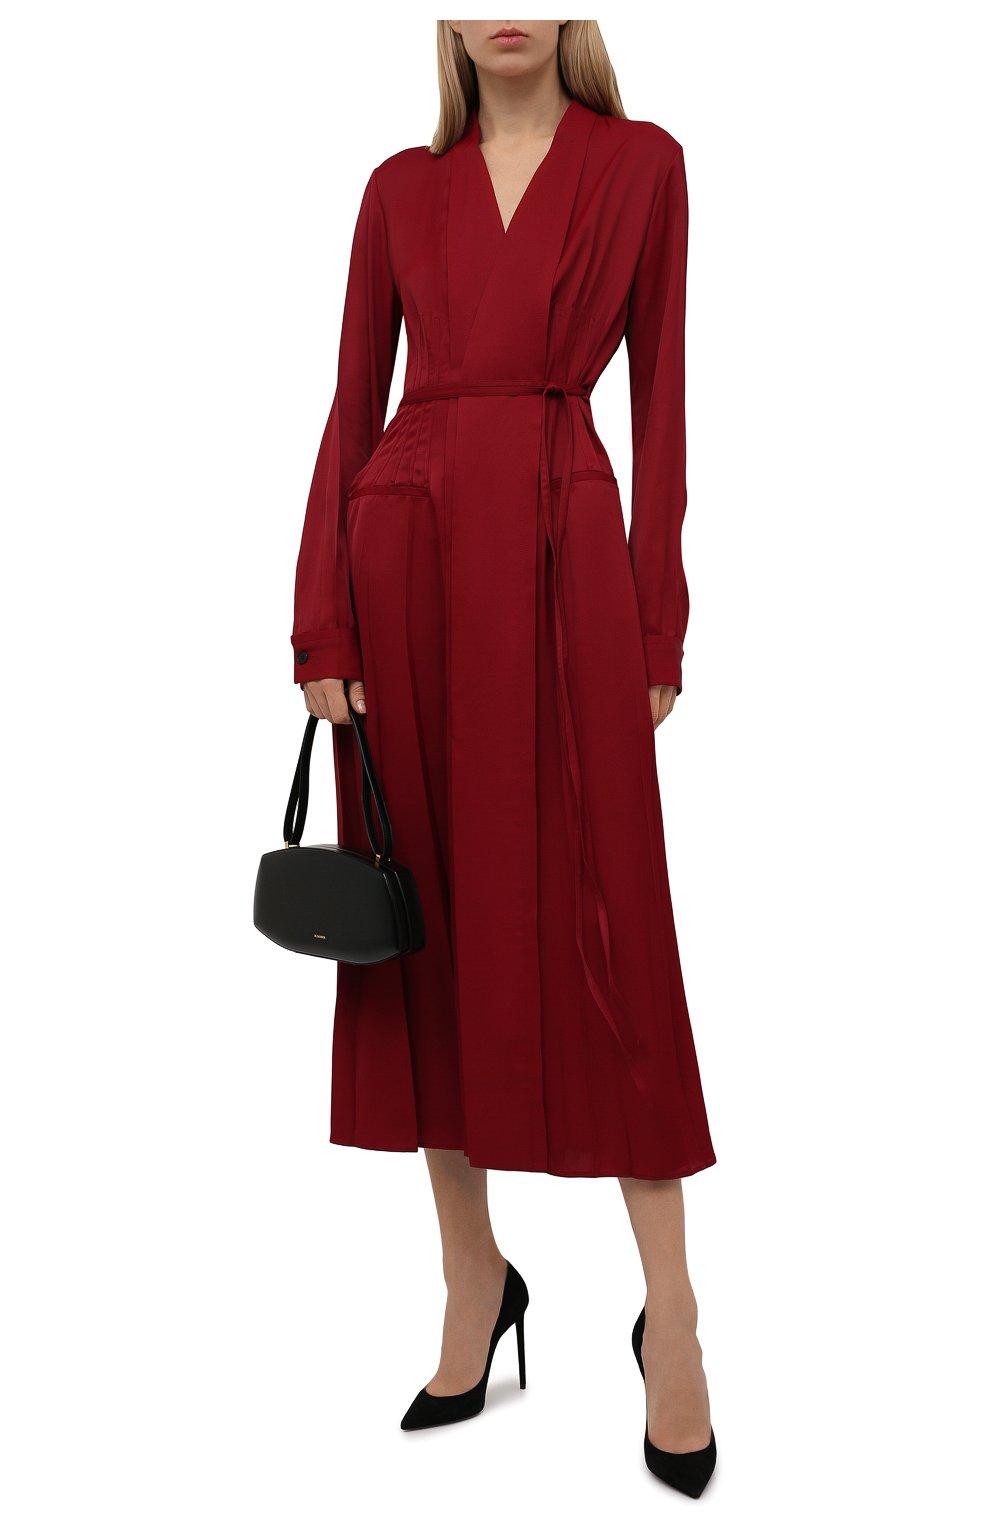 Женское платье из вискозы JIL SANDER бордового цвета, арт. JSWT506706-WT381500   Фото 2 (Рукава: Длинные; Случай: Повседневный; Длина Ж (юбки, платья, шорты): Миди; Материал внешний: Вискоза; Женское Кросс-КТ: Платье-одежда; Стили: Кэжуэл)